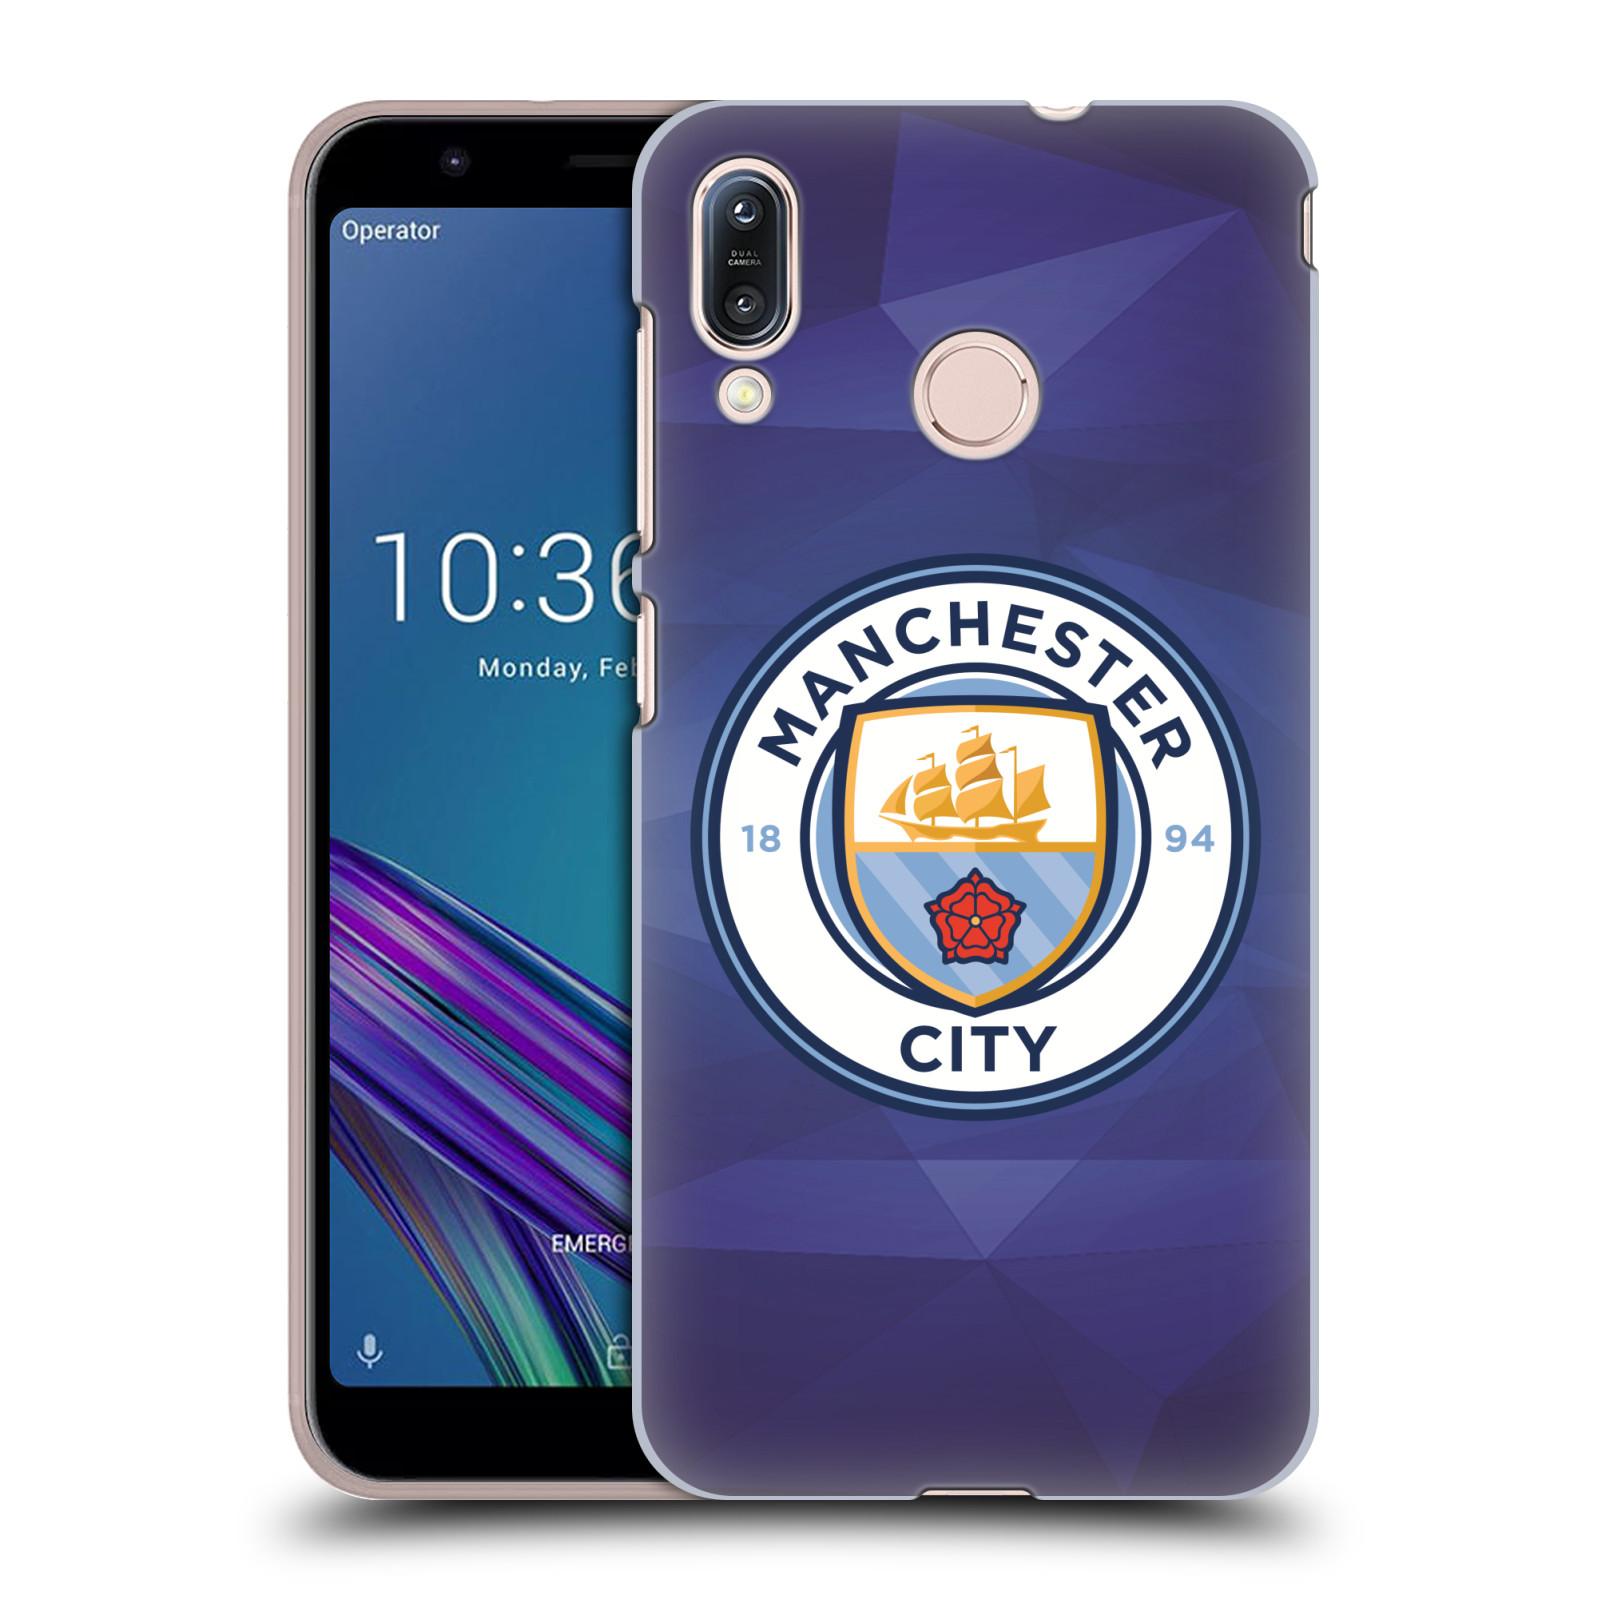 Plastové pouzdro na mobil Asus Zenfone Max M1 ZB555KL - Head Case - Manchester City FC - Modré nové logo